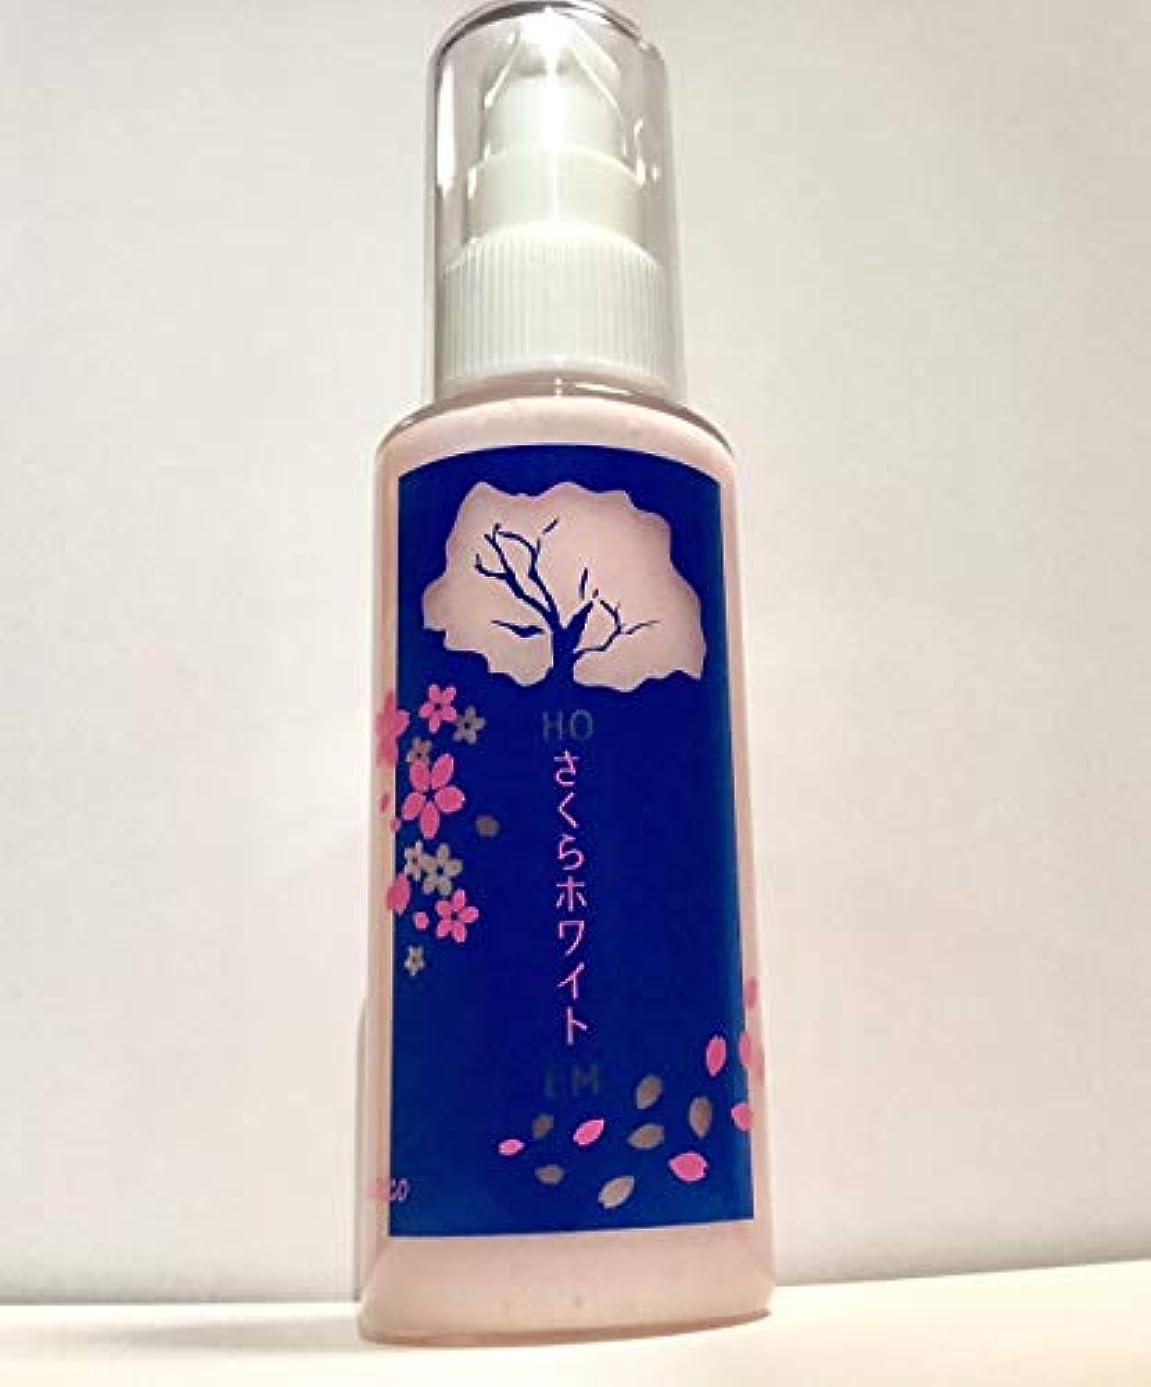 群集コインランドリーのホスト肌王子化粧品 さくらホワイト 美容液&乳液 65ml 2~3ヶ月分